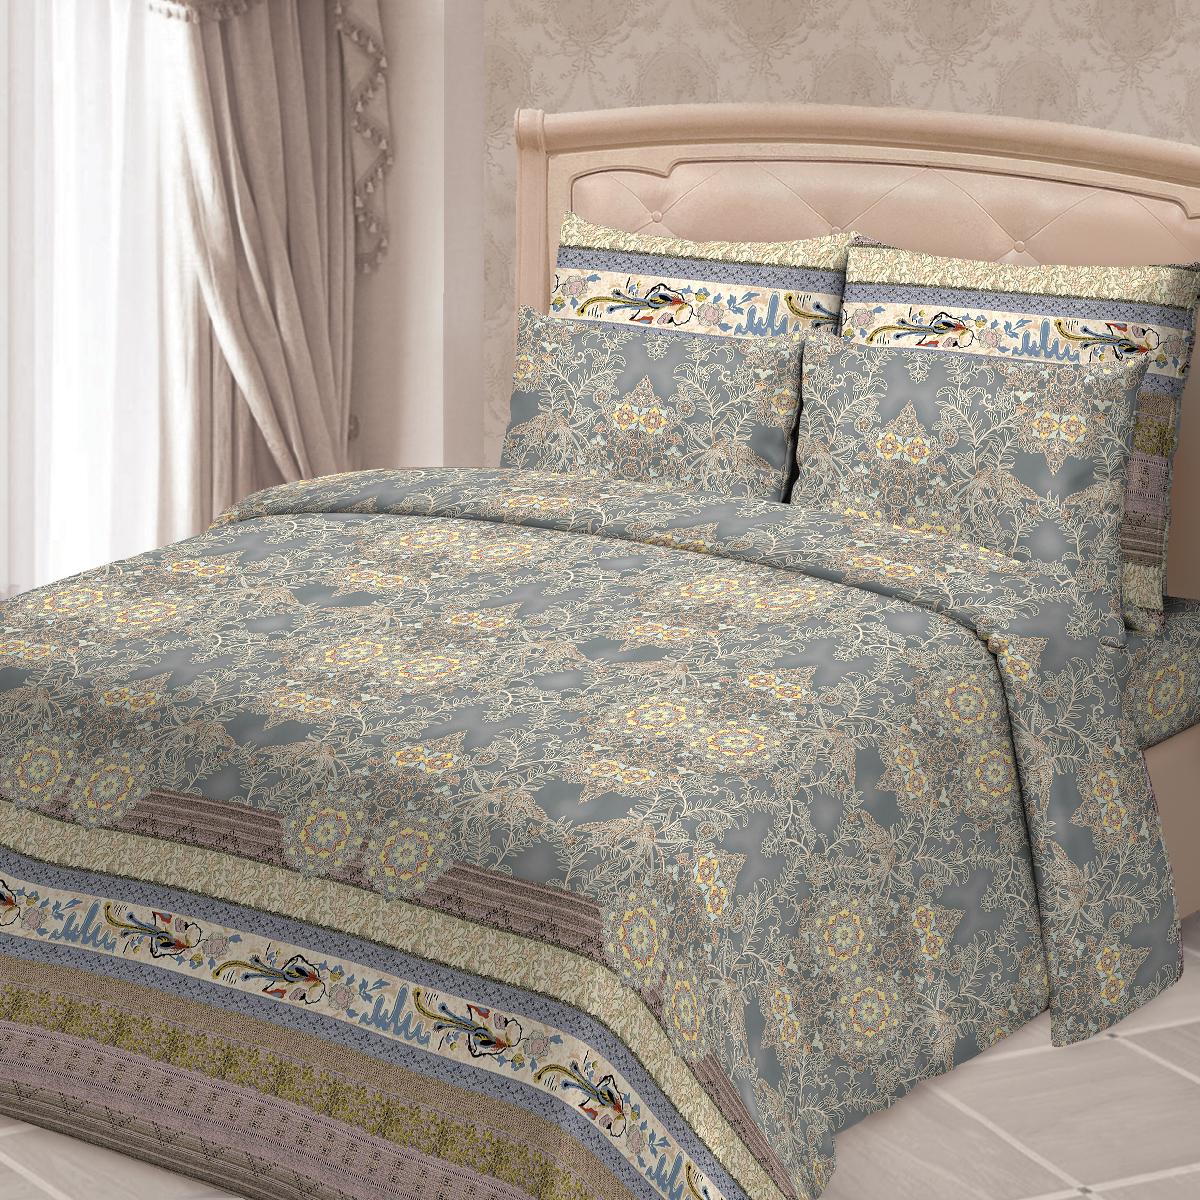 Комплект белья Сорренто Бергамо, 1,5-спальный, наволочки 70х70, цвет: голубой комплекты белья